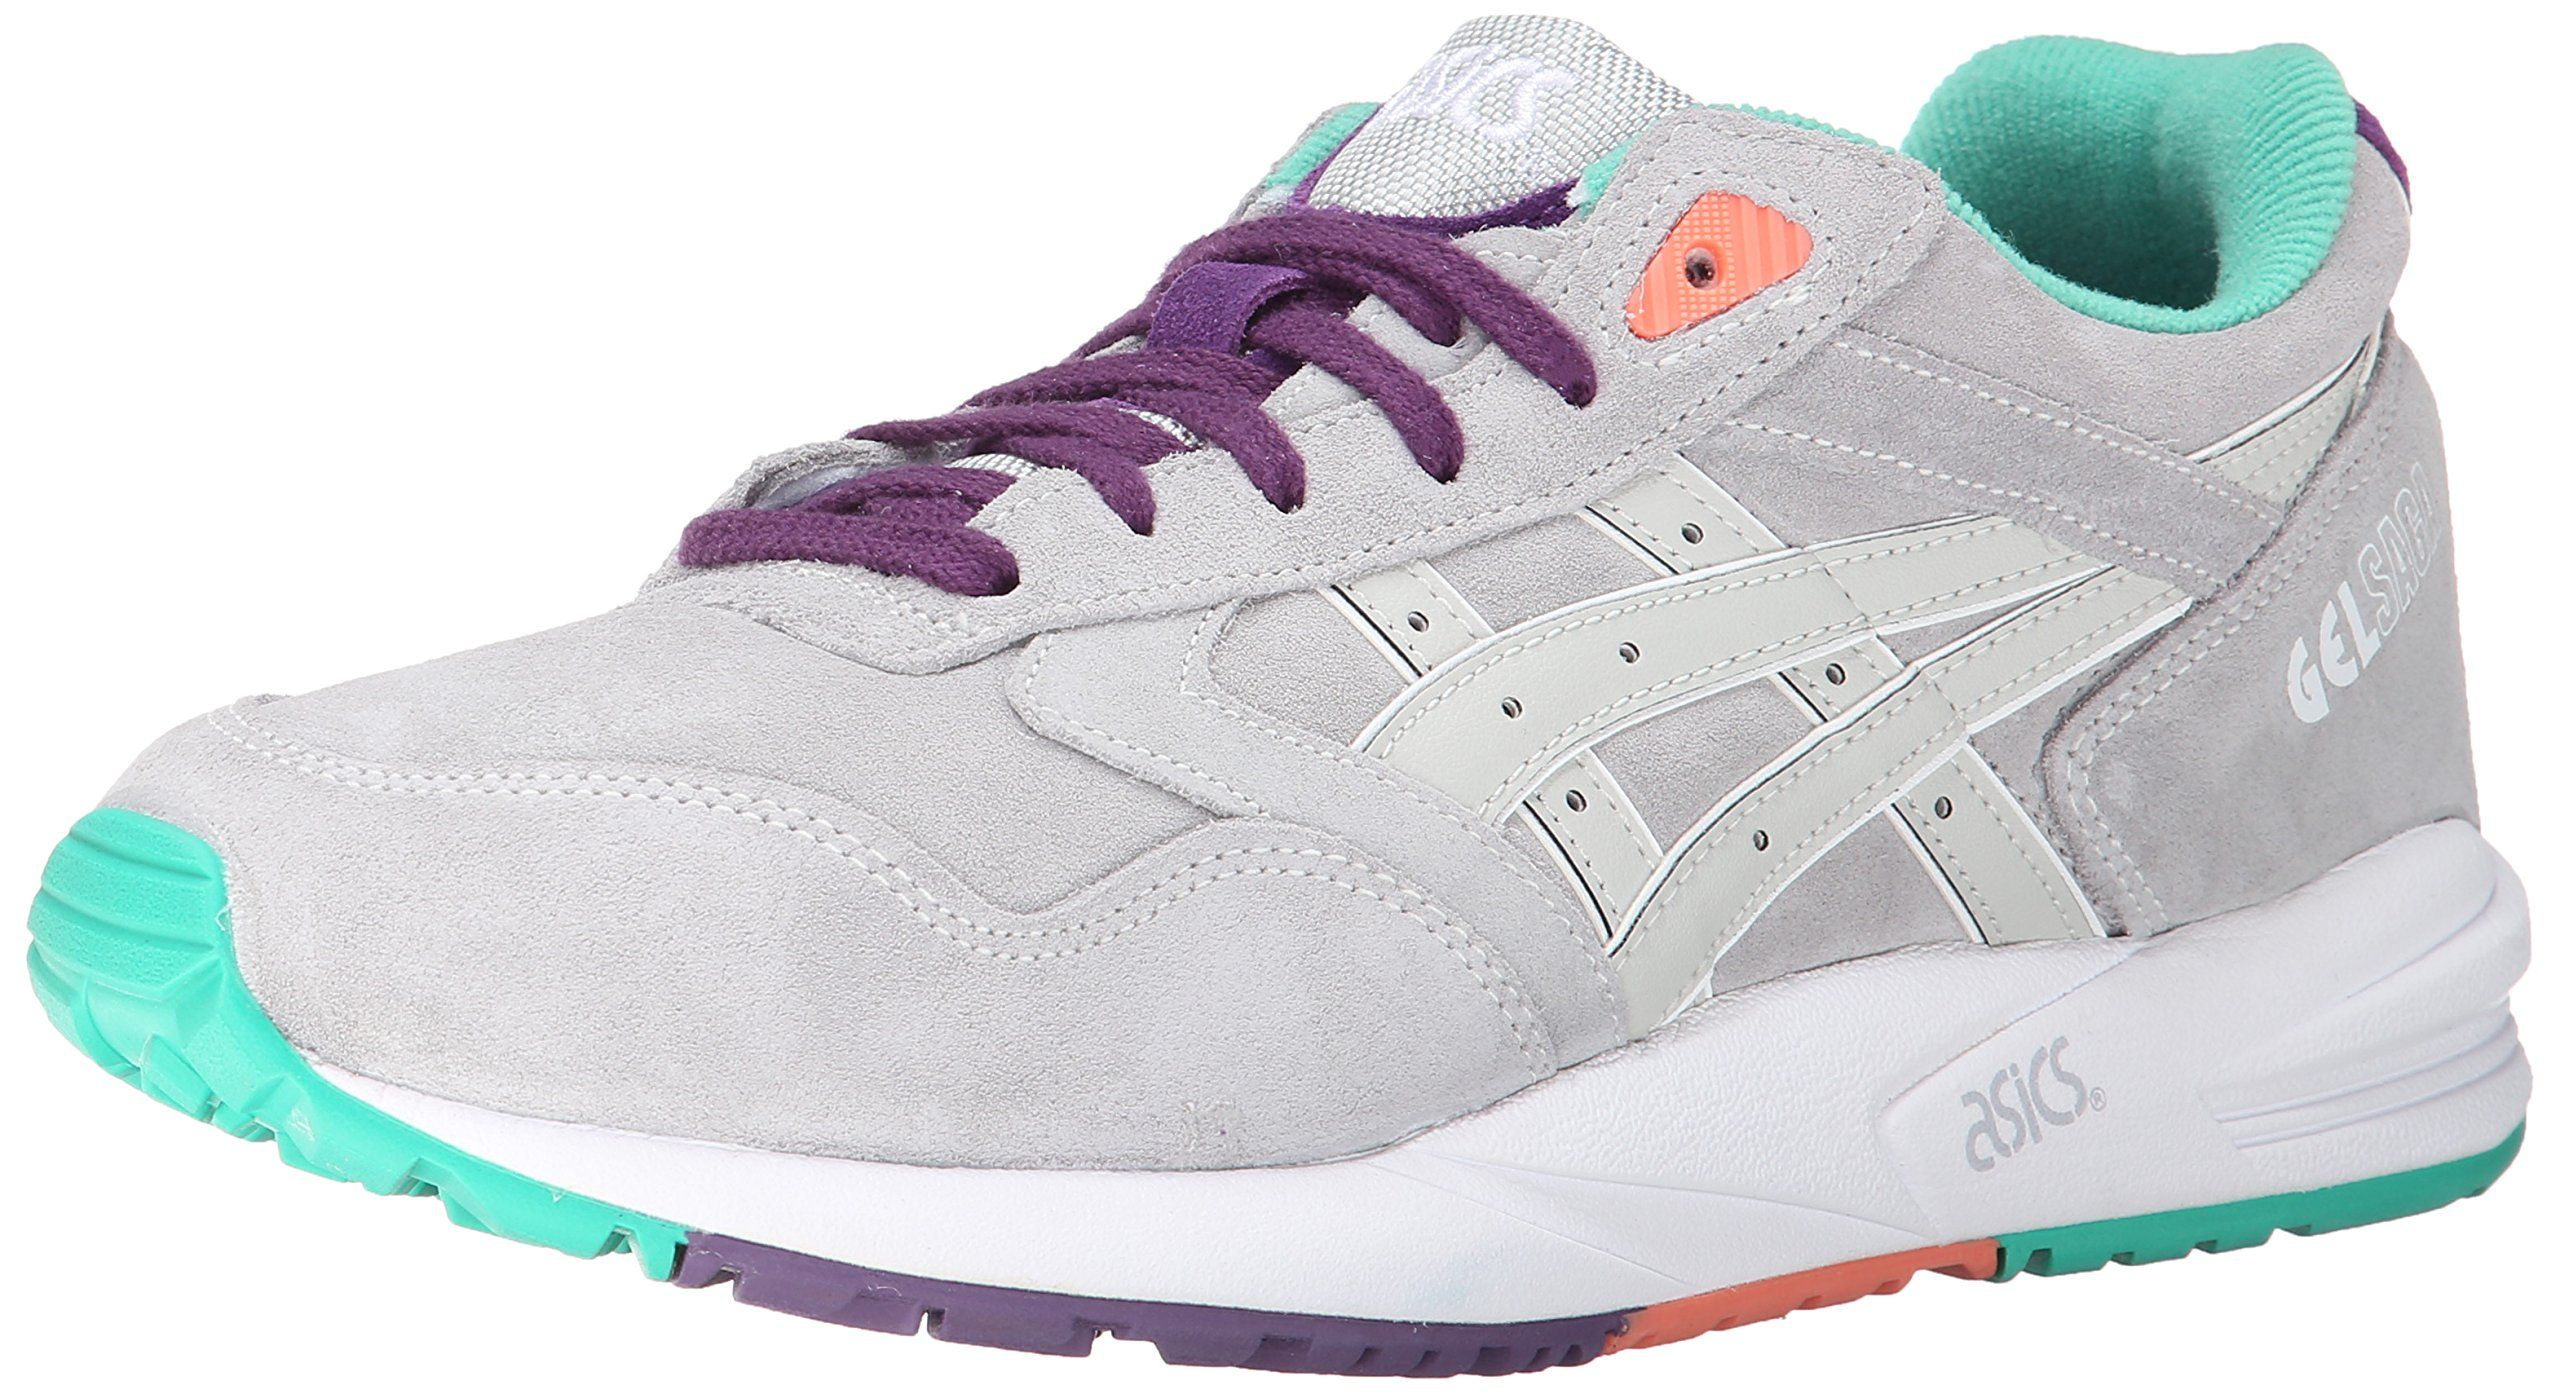 Amazon Com Asics Gel Saga Retro Running Sneaker Clothing Retro Running Shoes Running Sneakers Women Running Sneakers